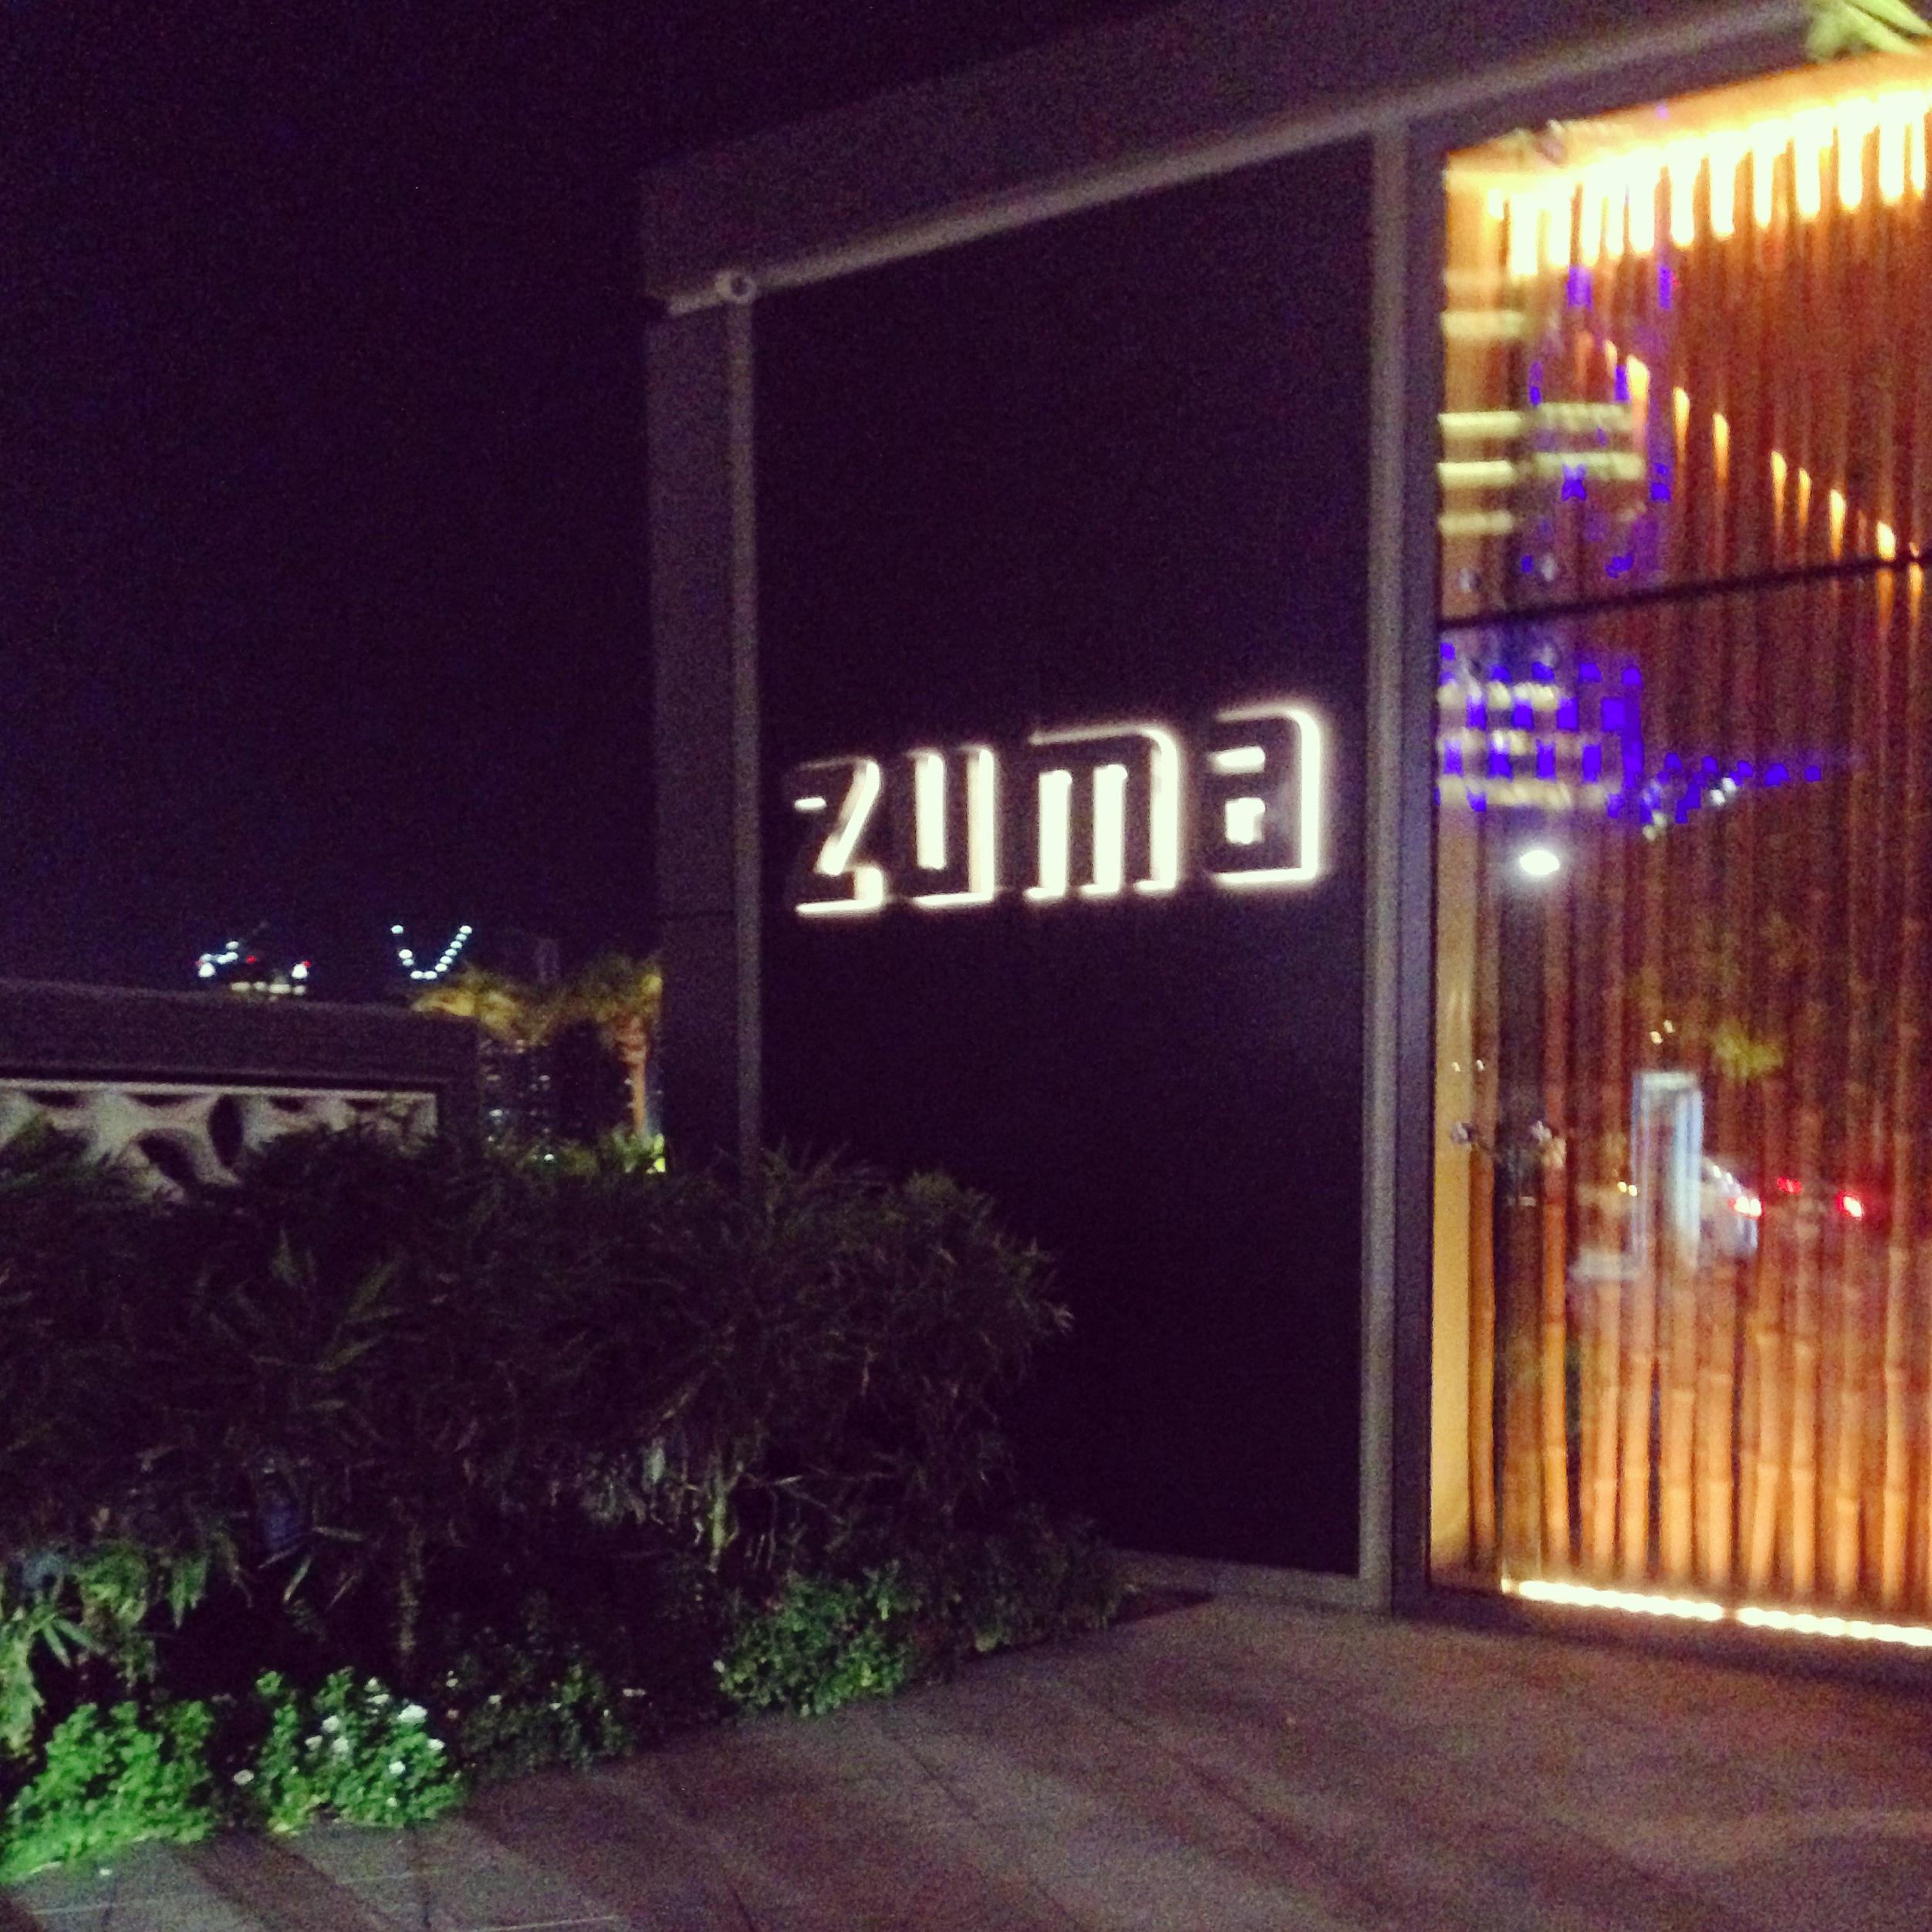 Zuma Popular in Dubai For